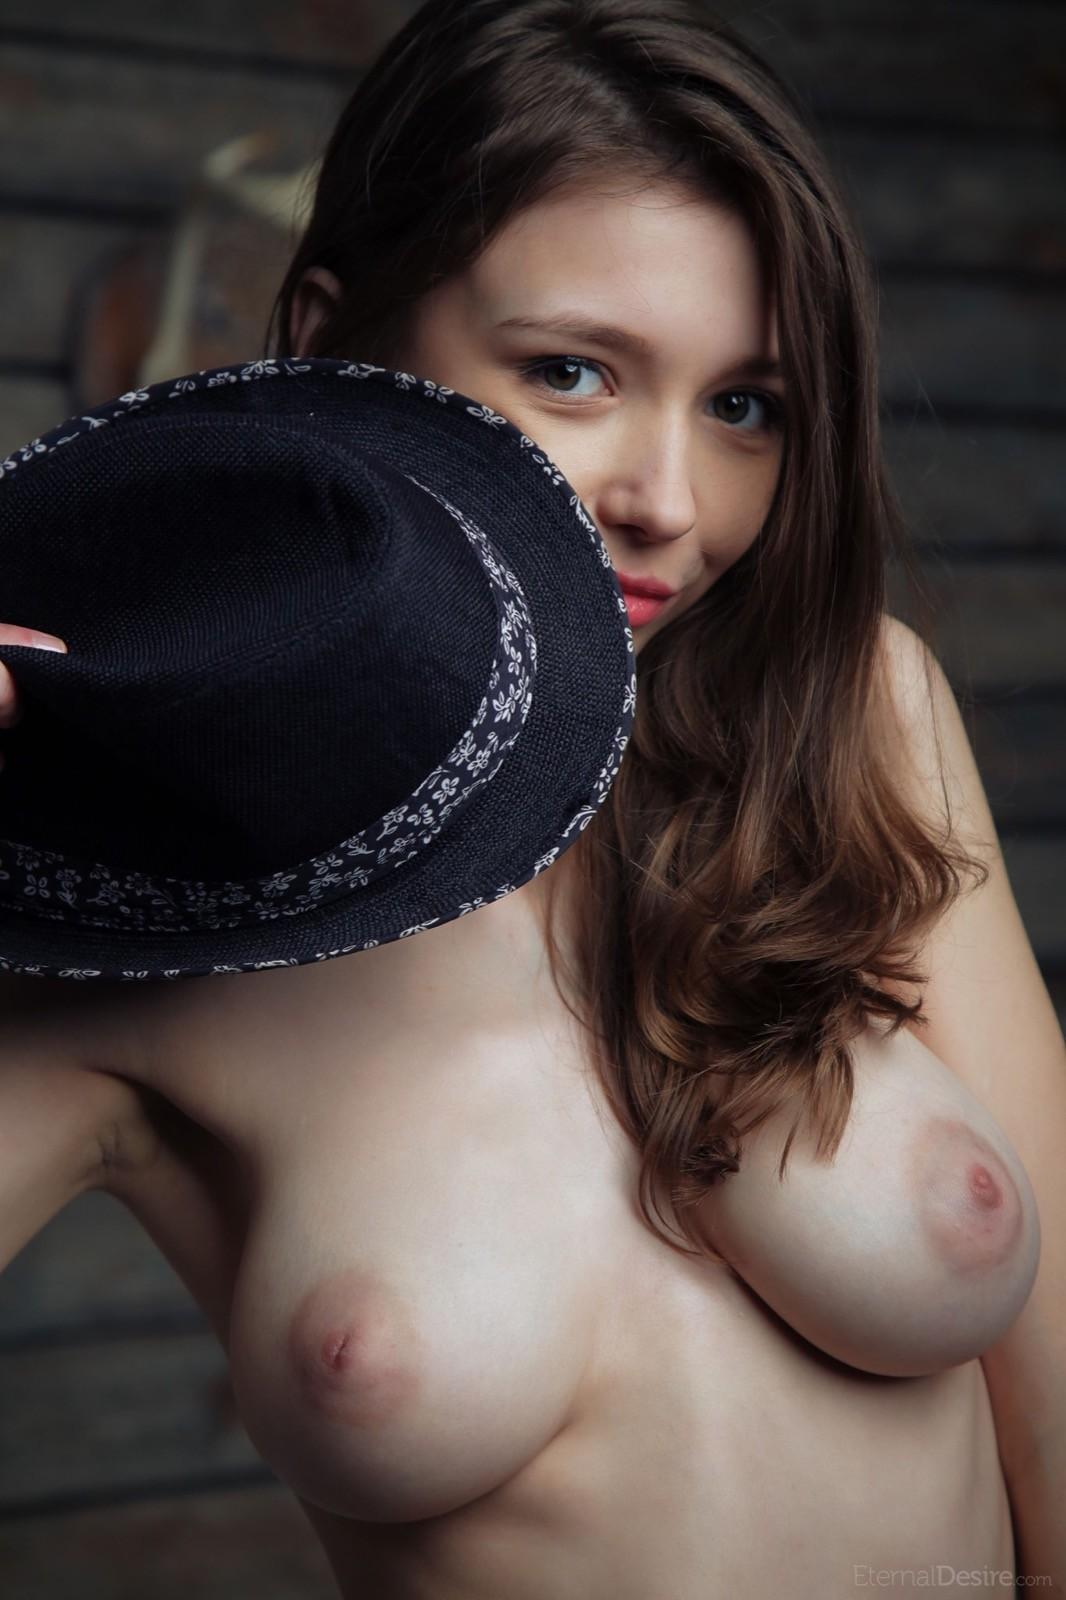 Милая девушка с красивой грудью